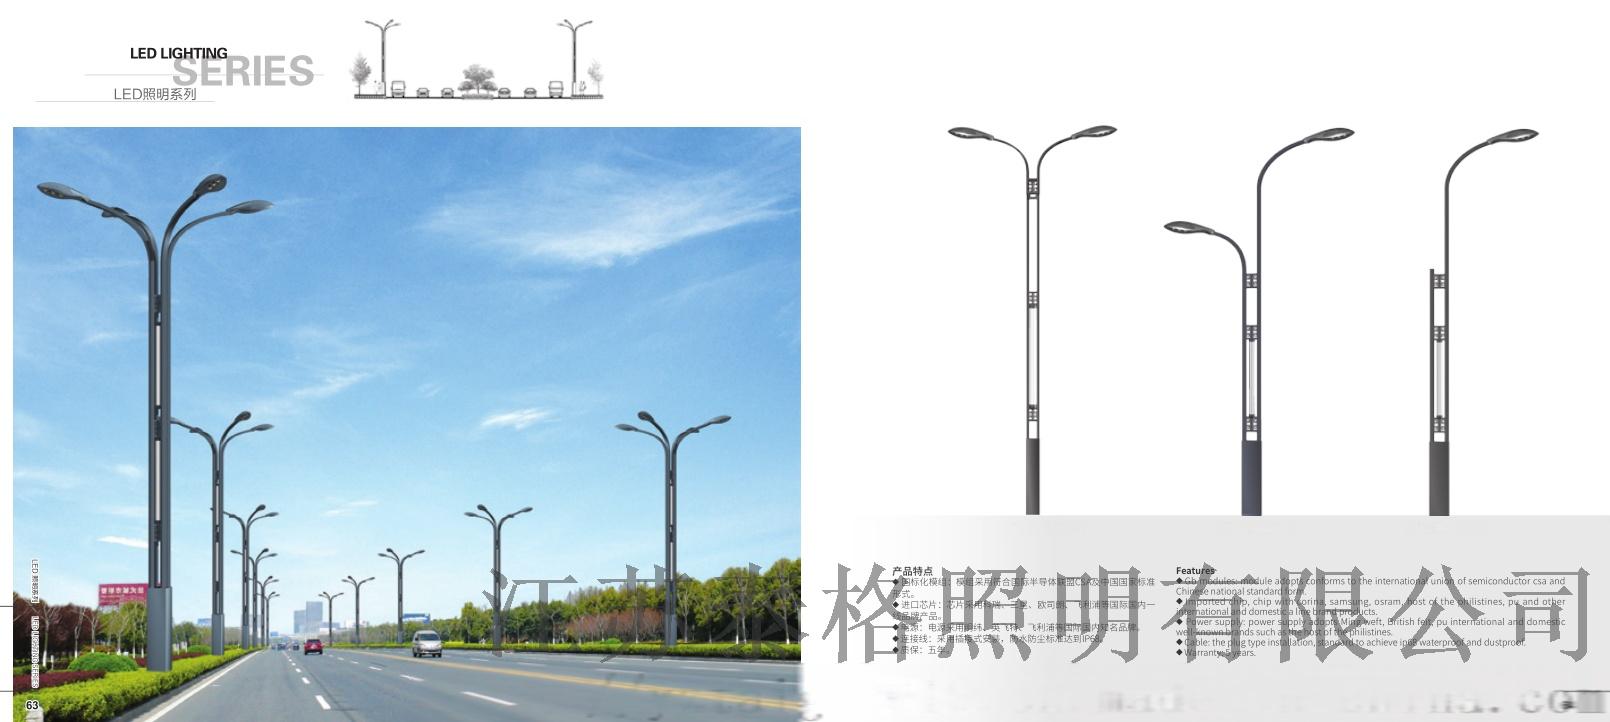 T-LED-0051.png